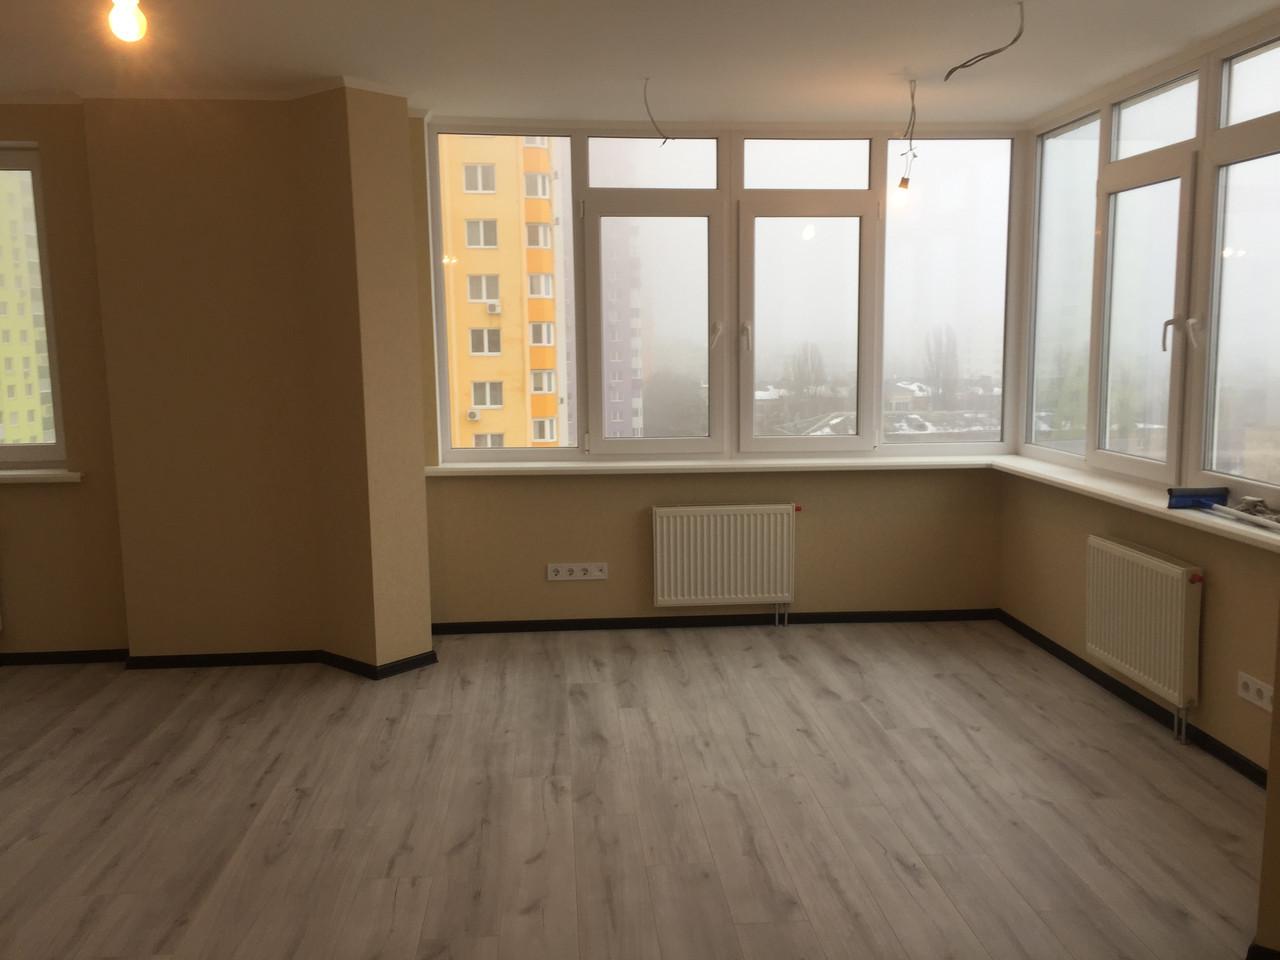 Ремонт офисов, квартир, домов. Внутренняя отделка. Штукатурка шпаклевка покраска